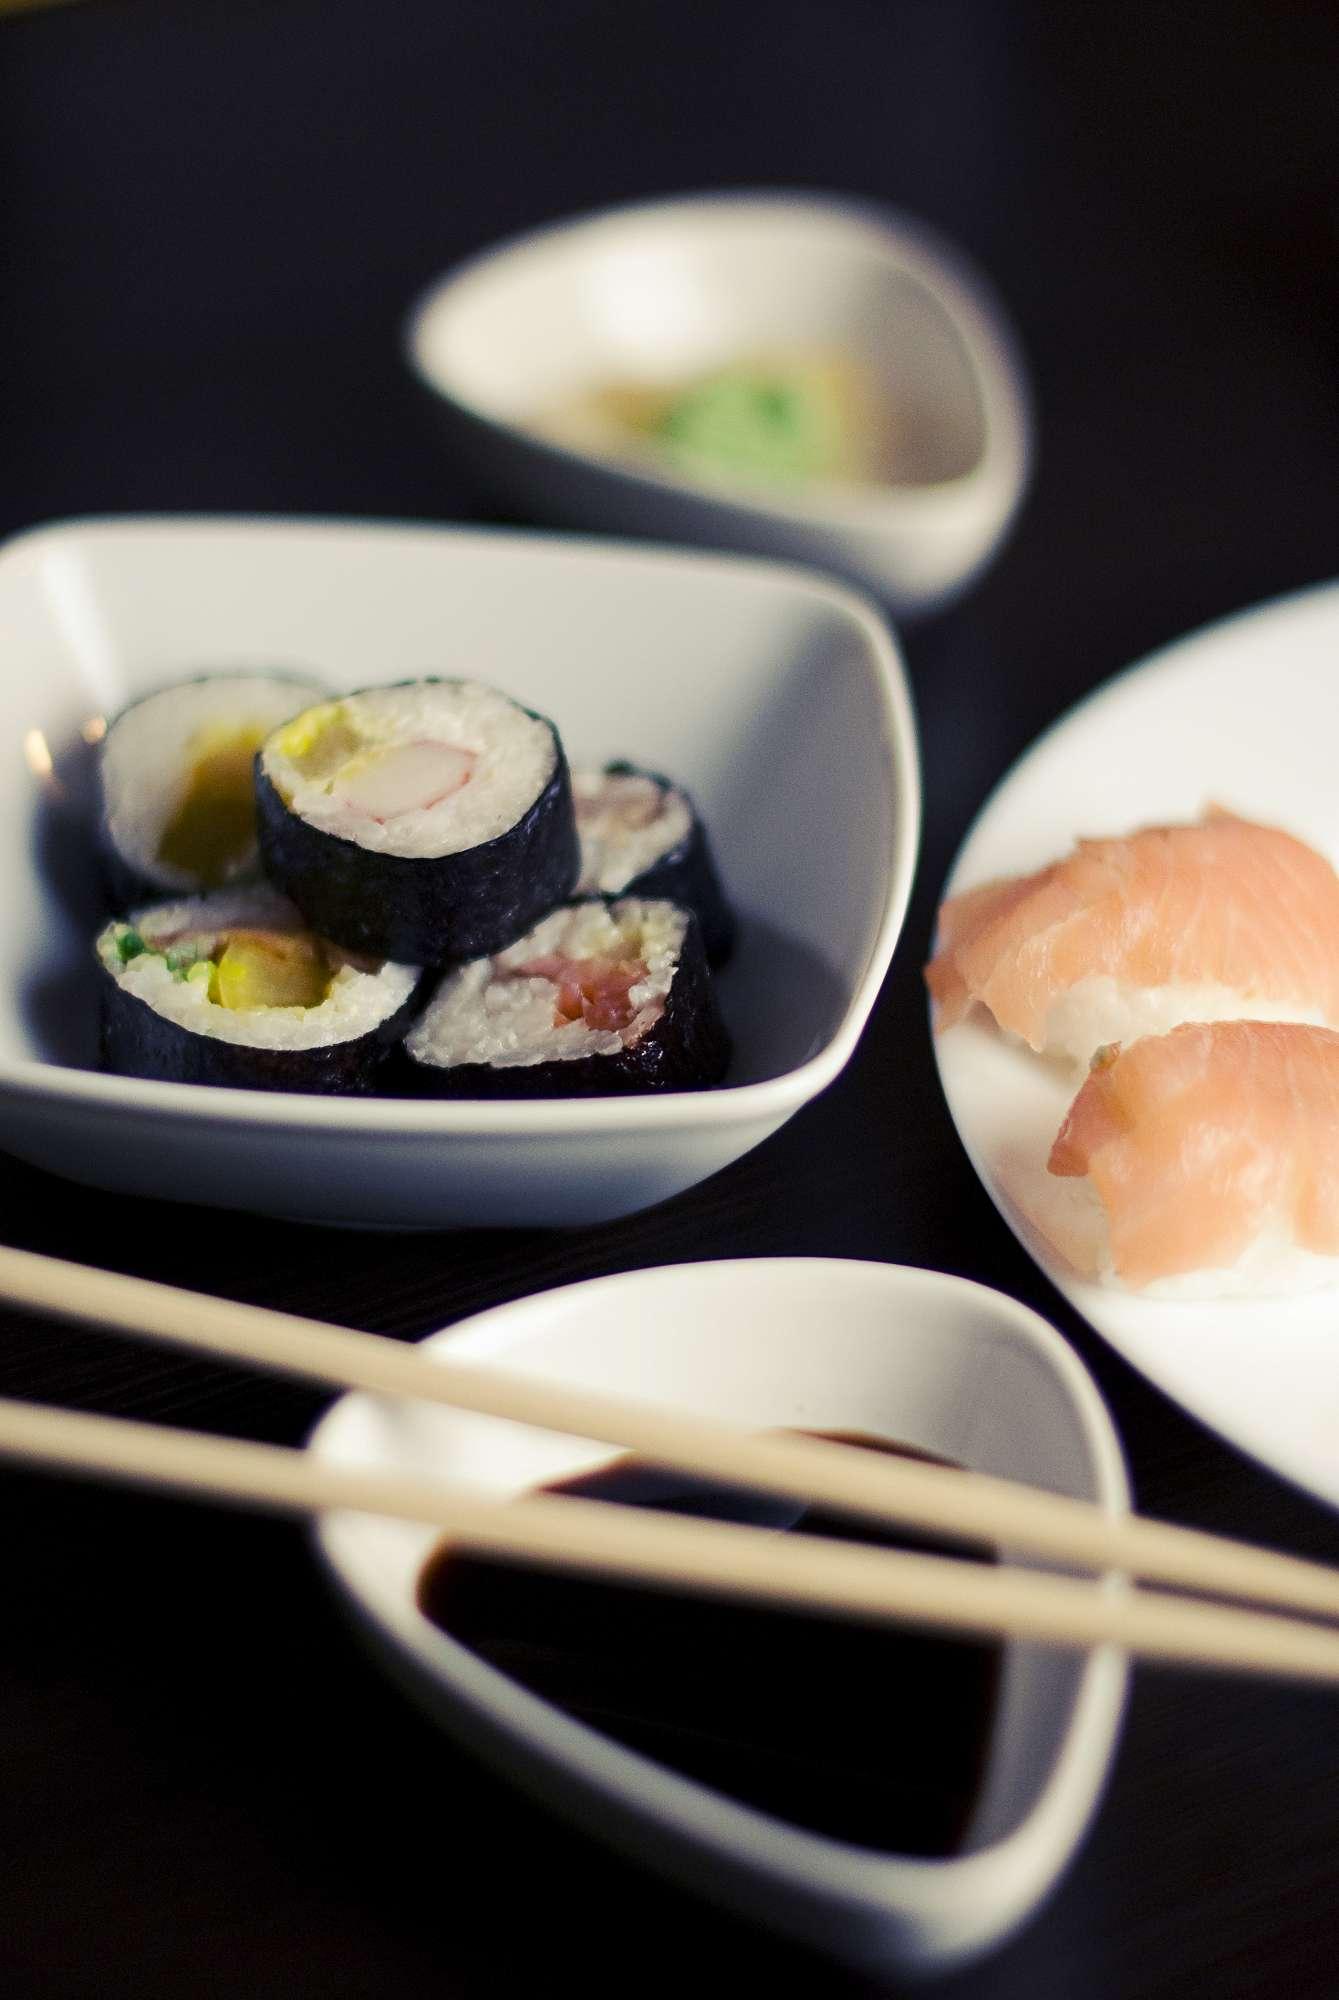 Asian Food Evening